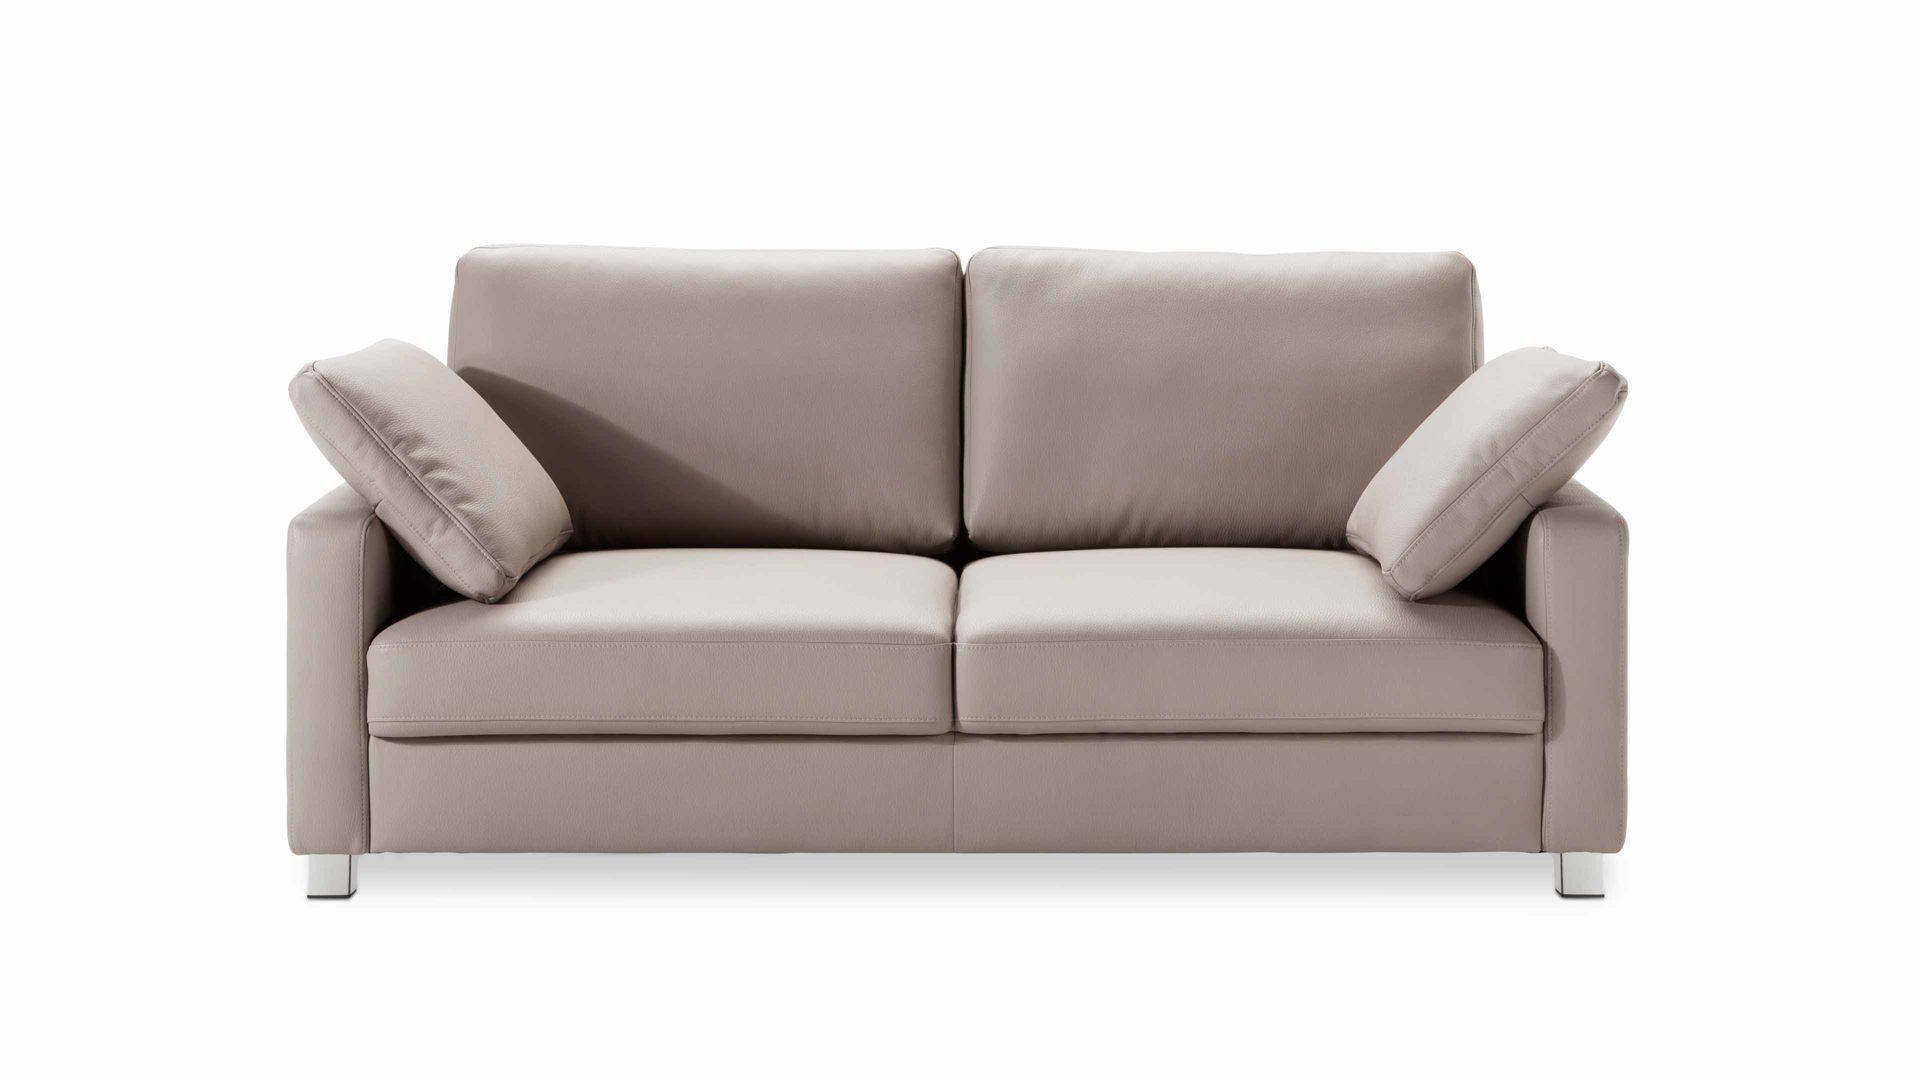 trop möbelabholmarkt gmbh | möbel a-z | couches + sofas, Hause deko